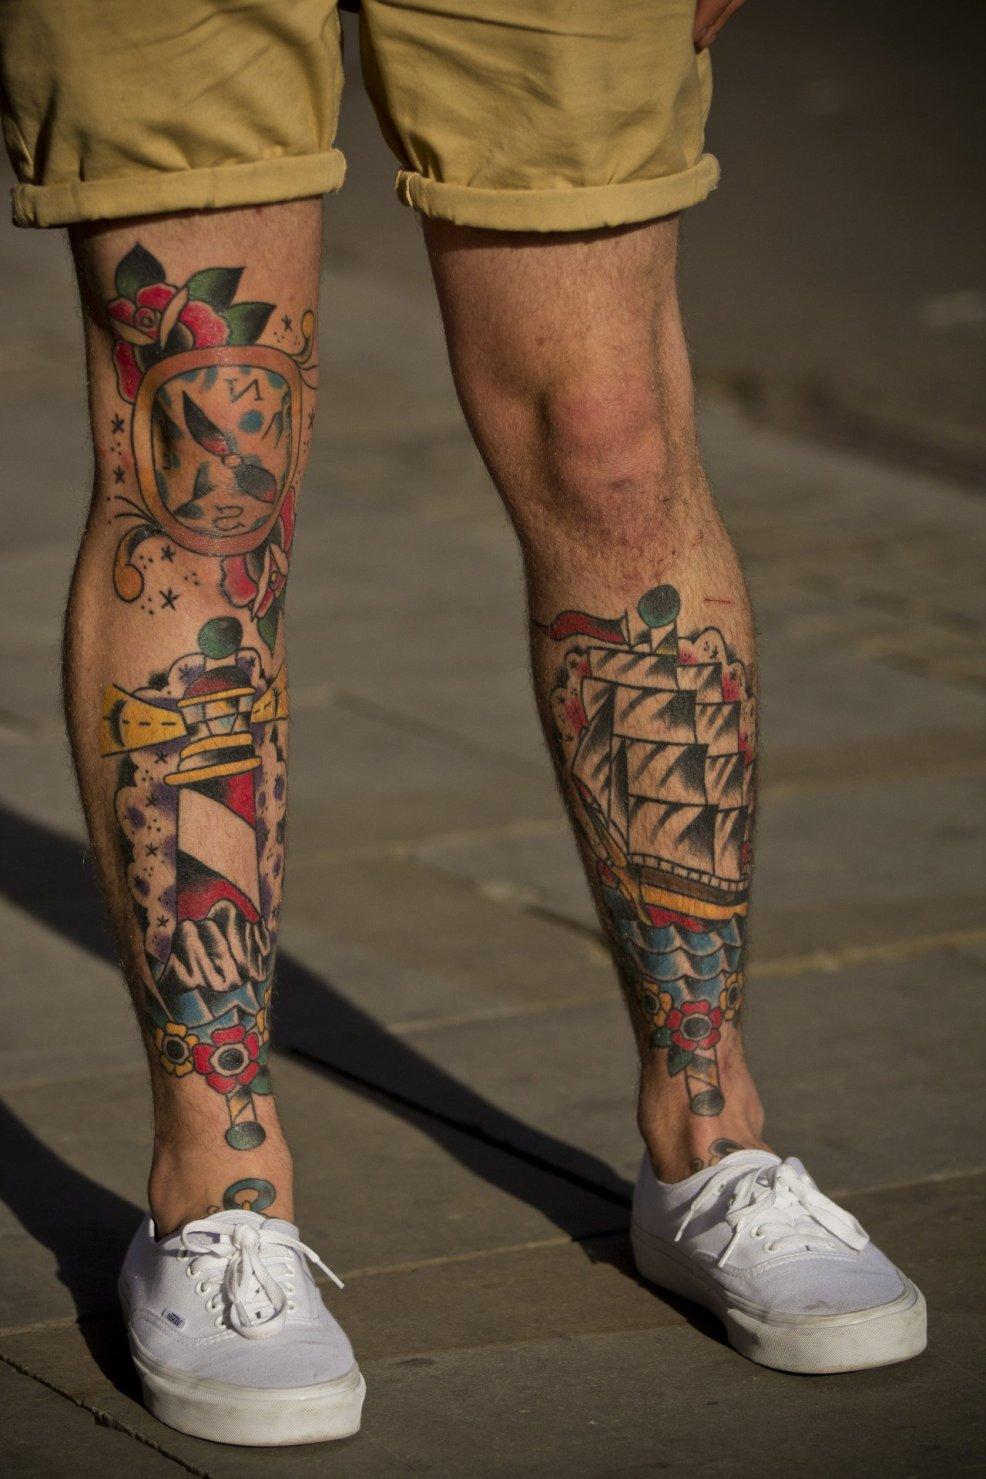 20 карточек в коллекции тату на голени пользователя Alexanderstgez